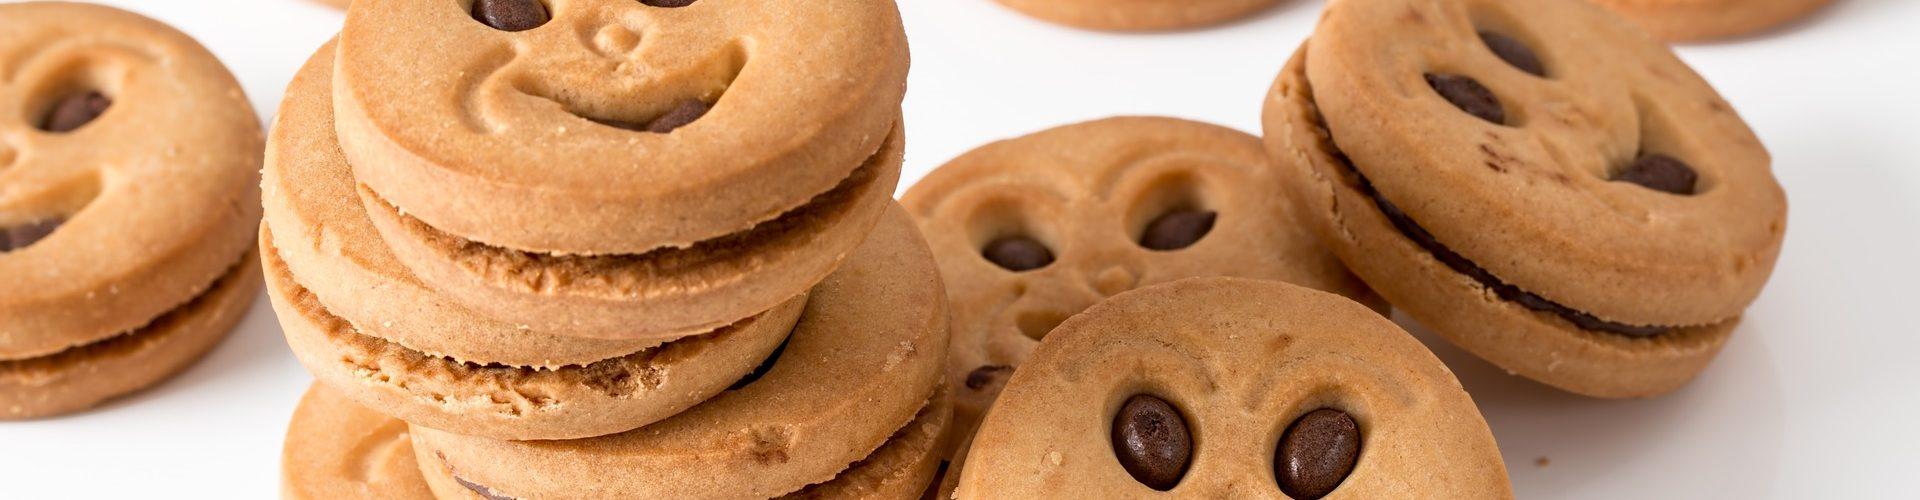 Тянет на сладенькое Как приучить себя к здоровому питанию